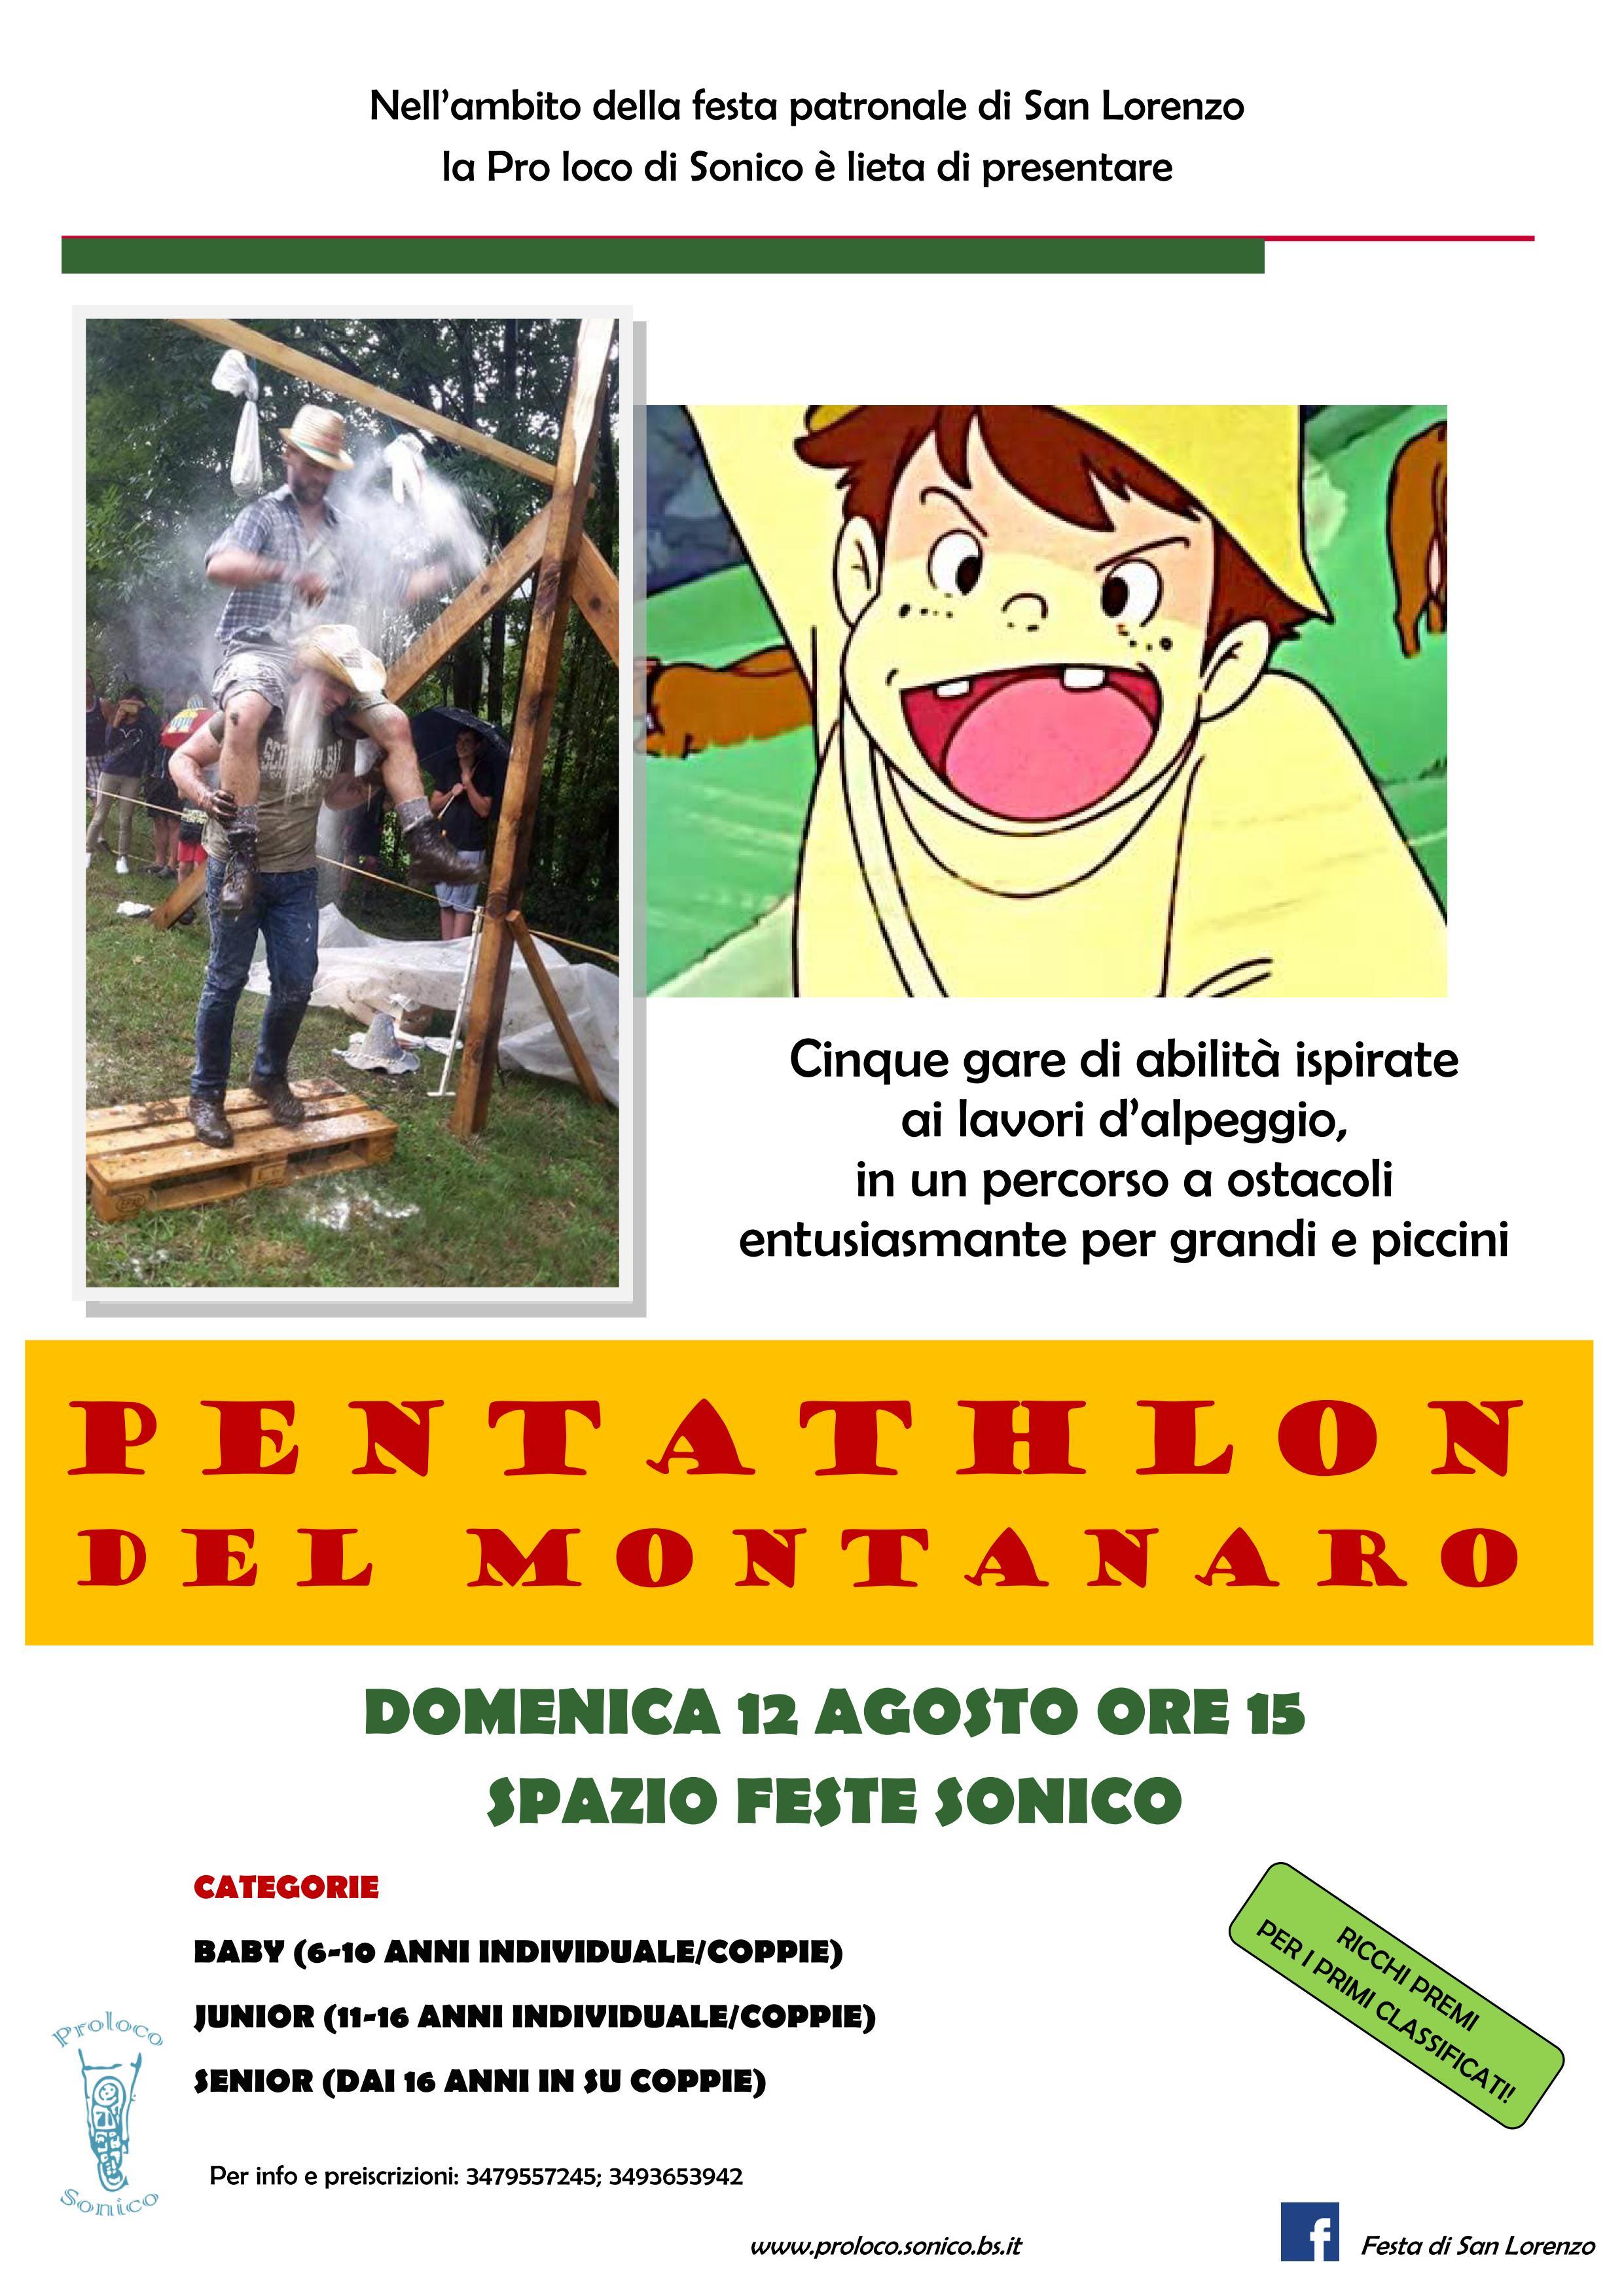 Pentathlon del Montanaro